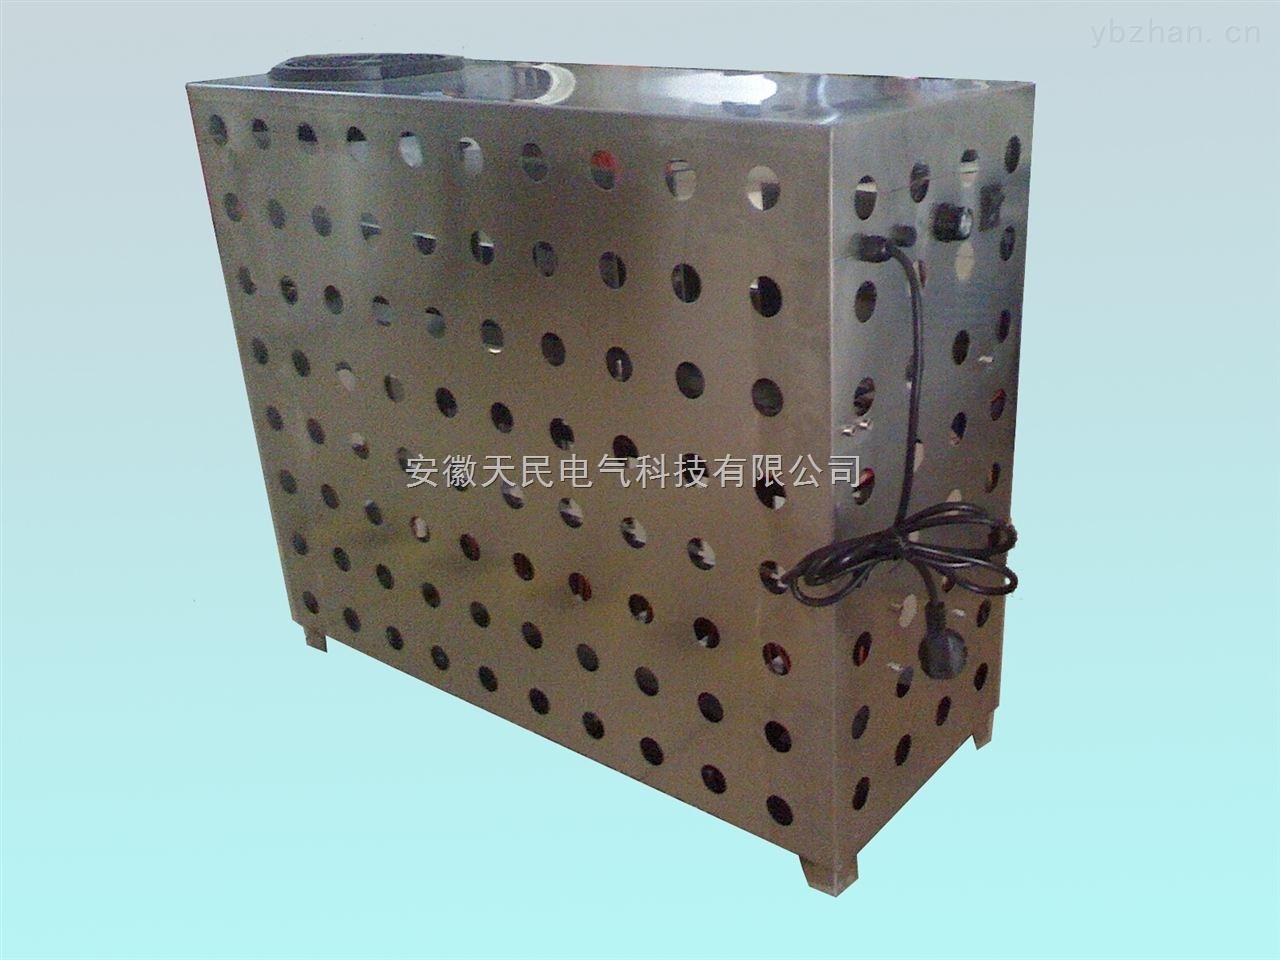 包装 包装设计 购物纸袋 纸袋 1280_960